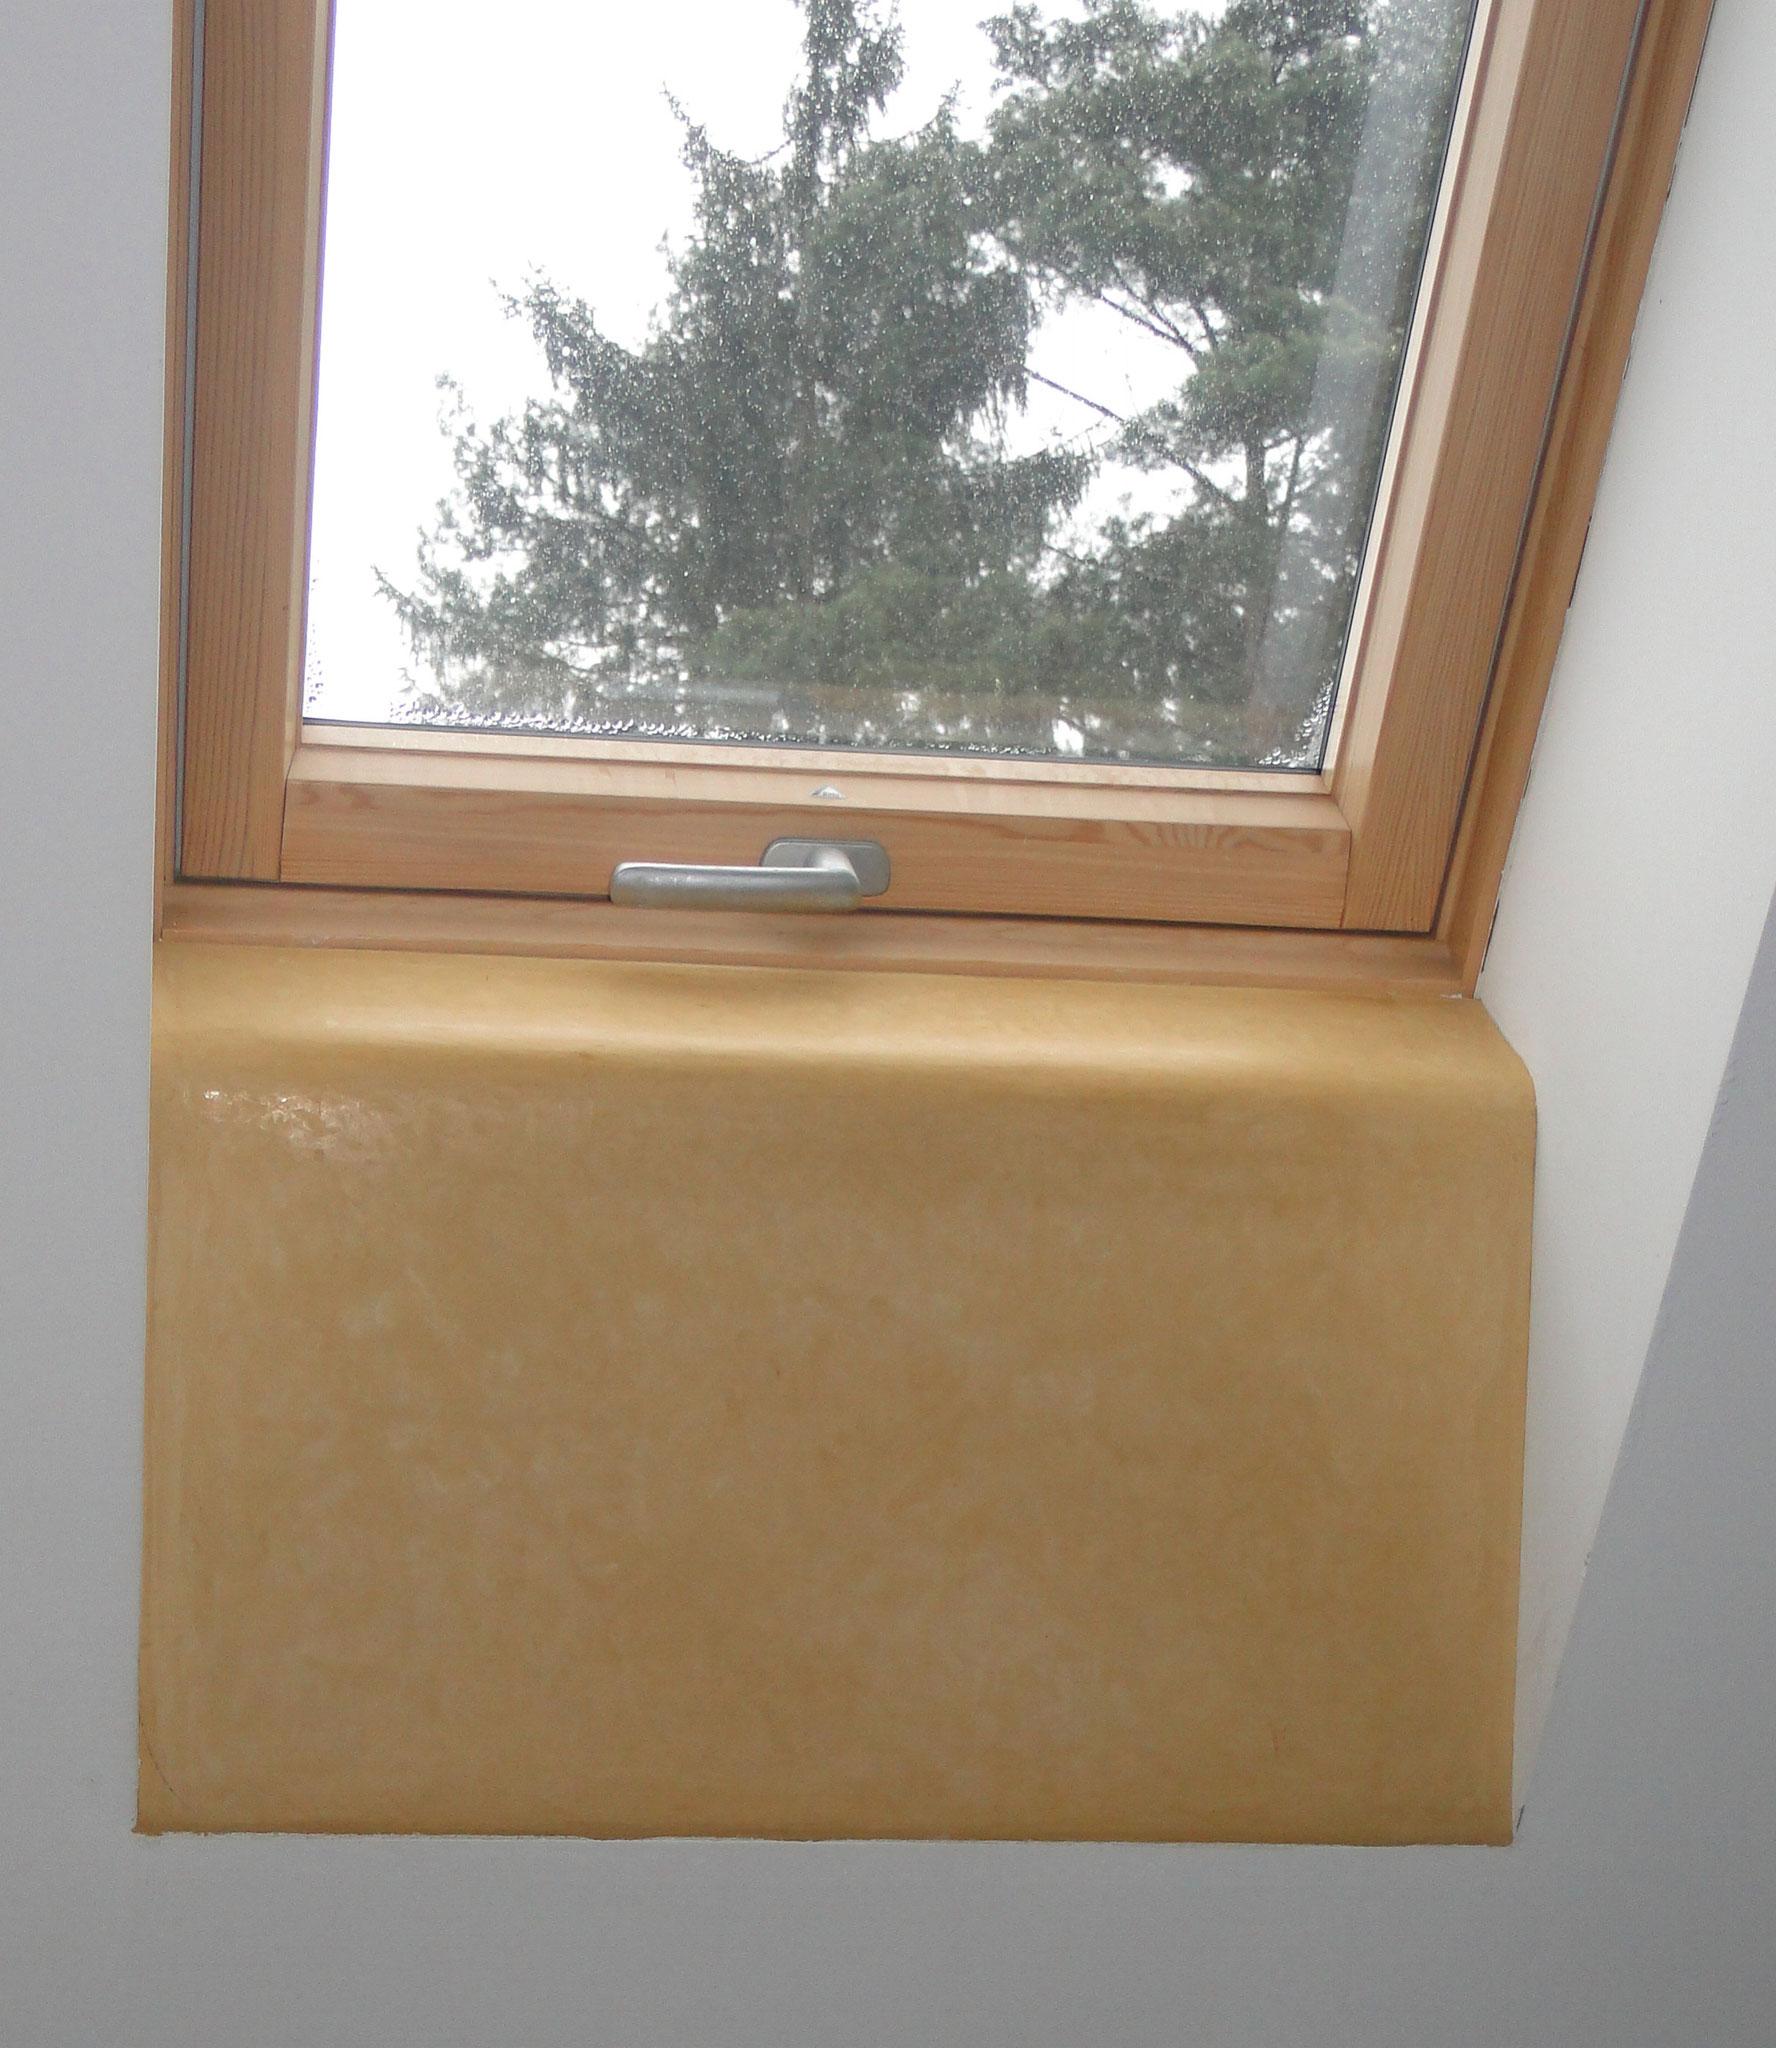 der Tadelakt am Fensterrand saugt gelegentlich entstehendes Kondenswasser auf